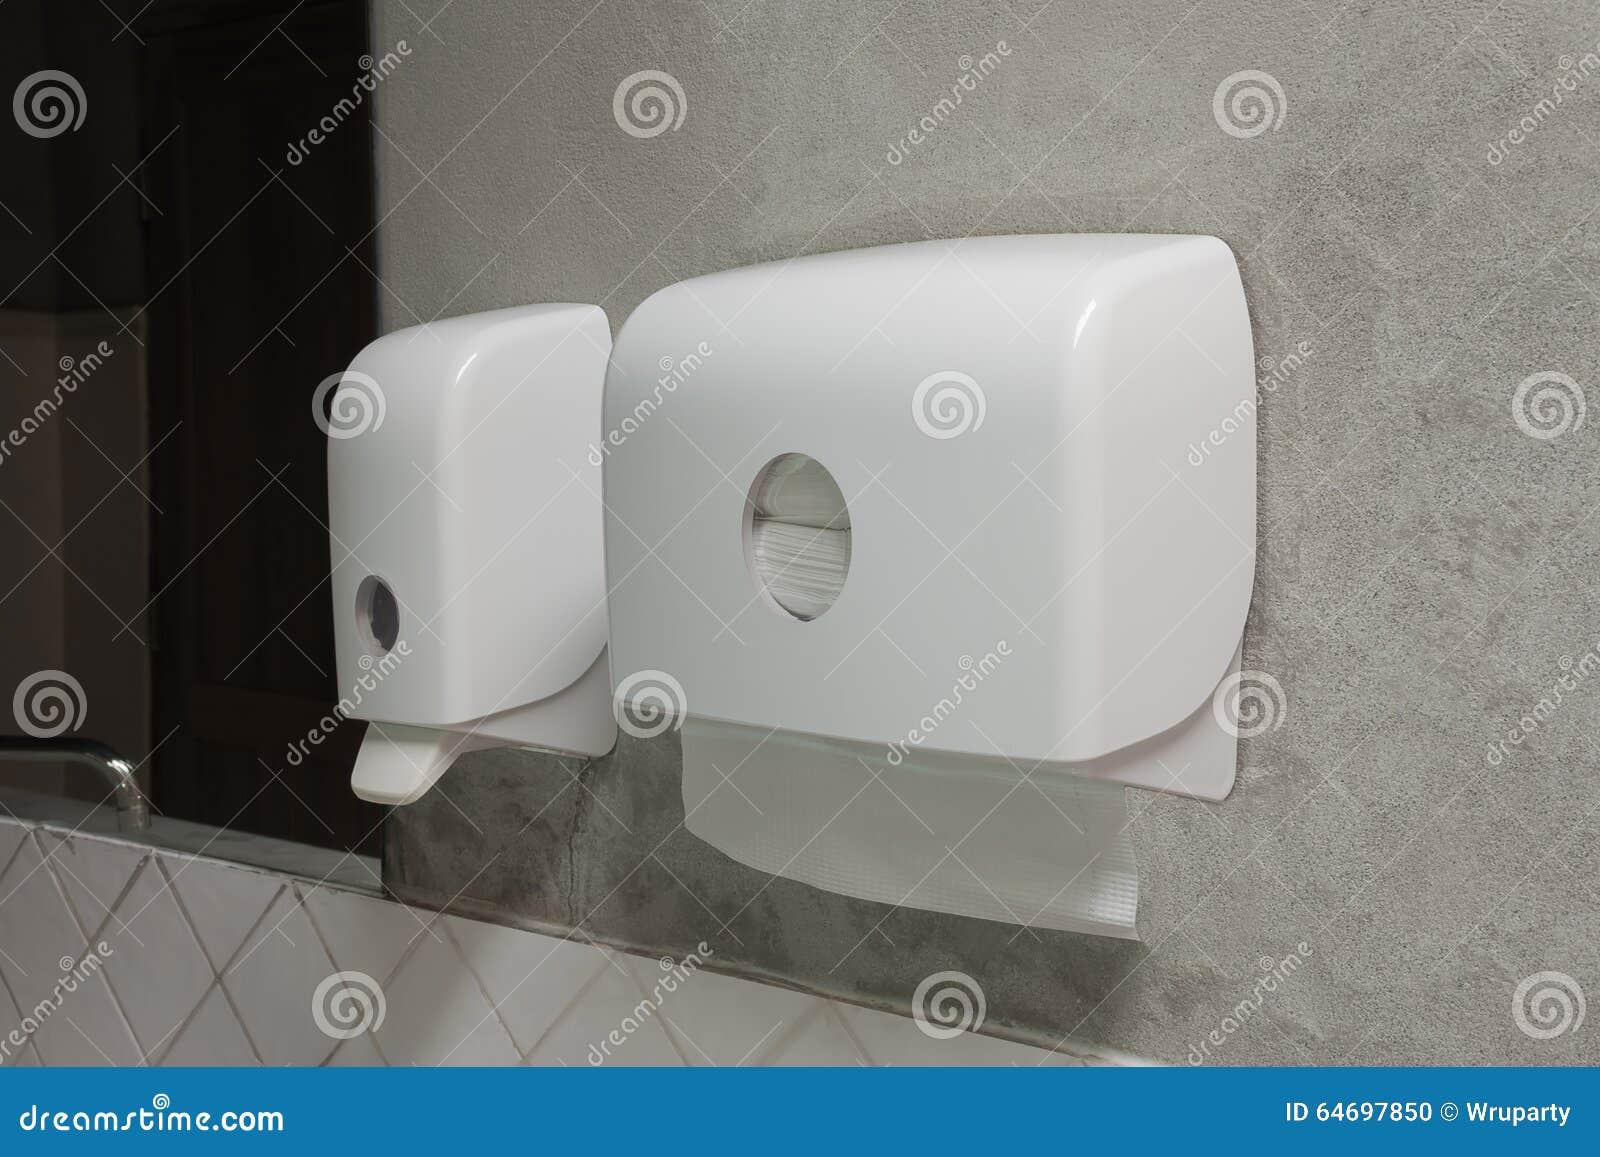 Tvålutmatare och pappersutmatare